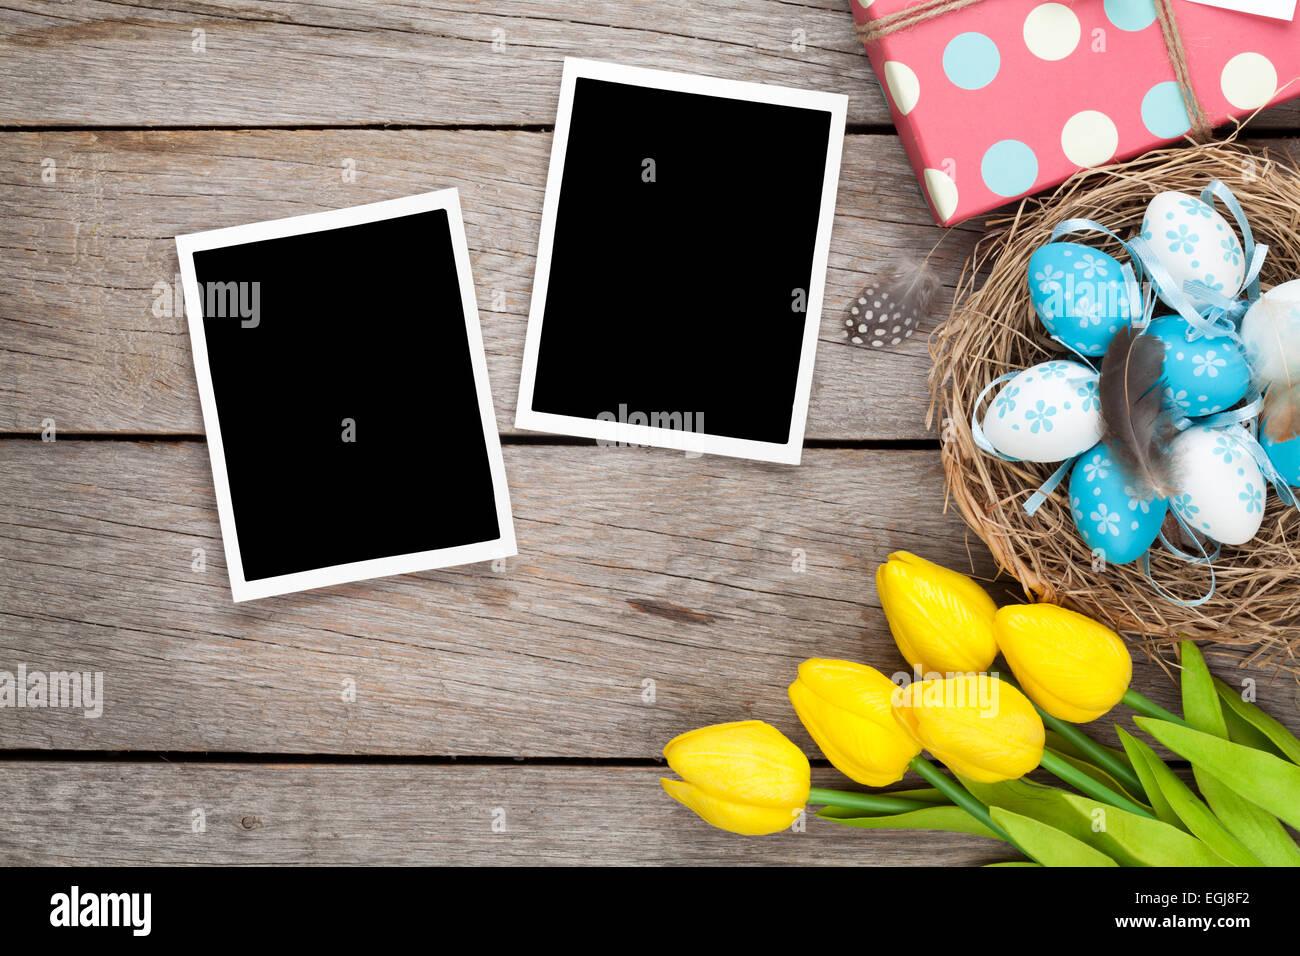 Fondo de Pascua con marcos de fotos en blanco y azul, huevos blancos ...